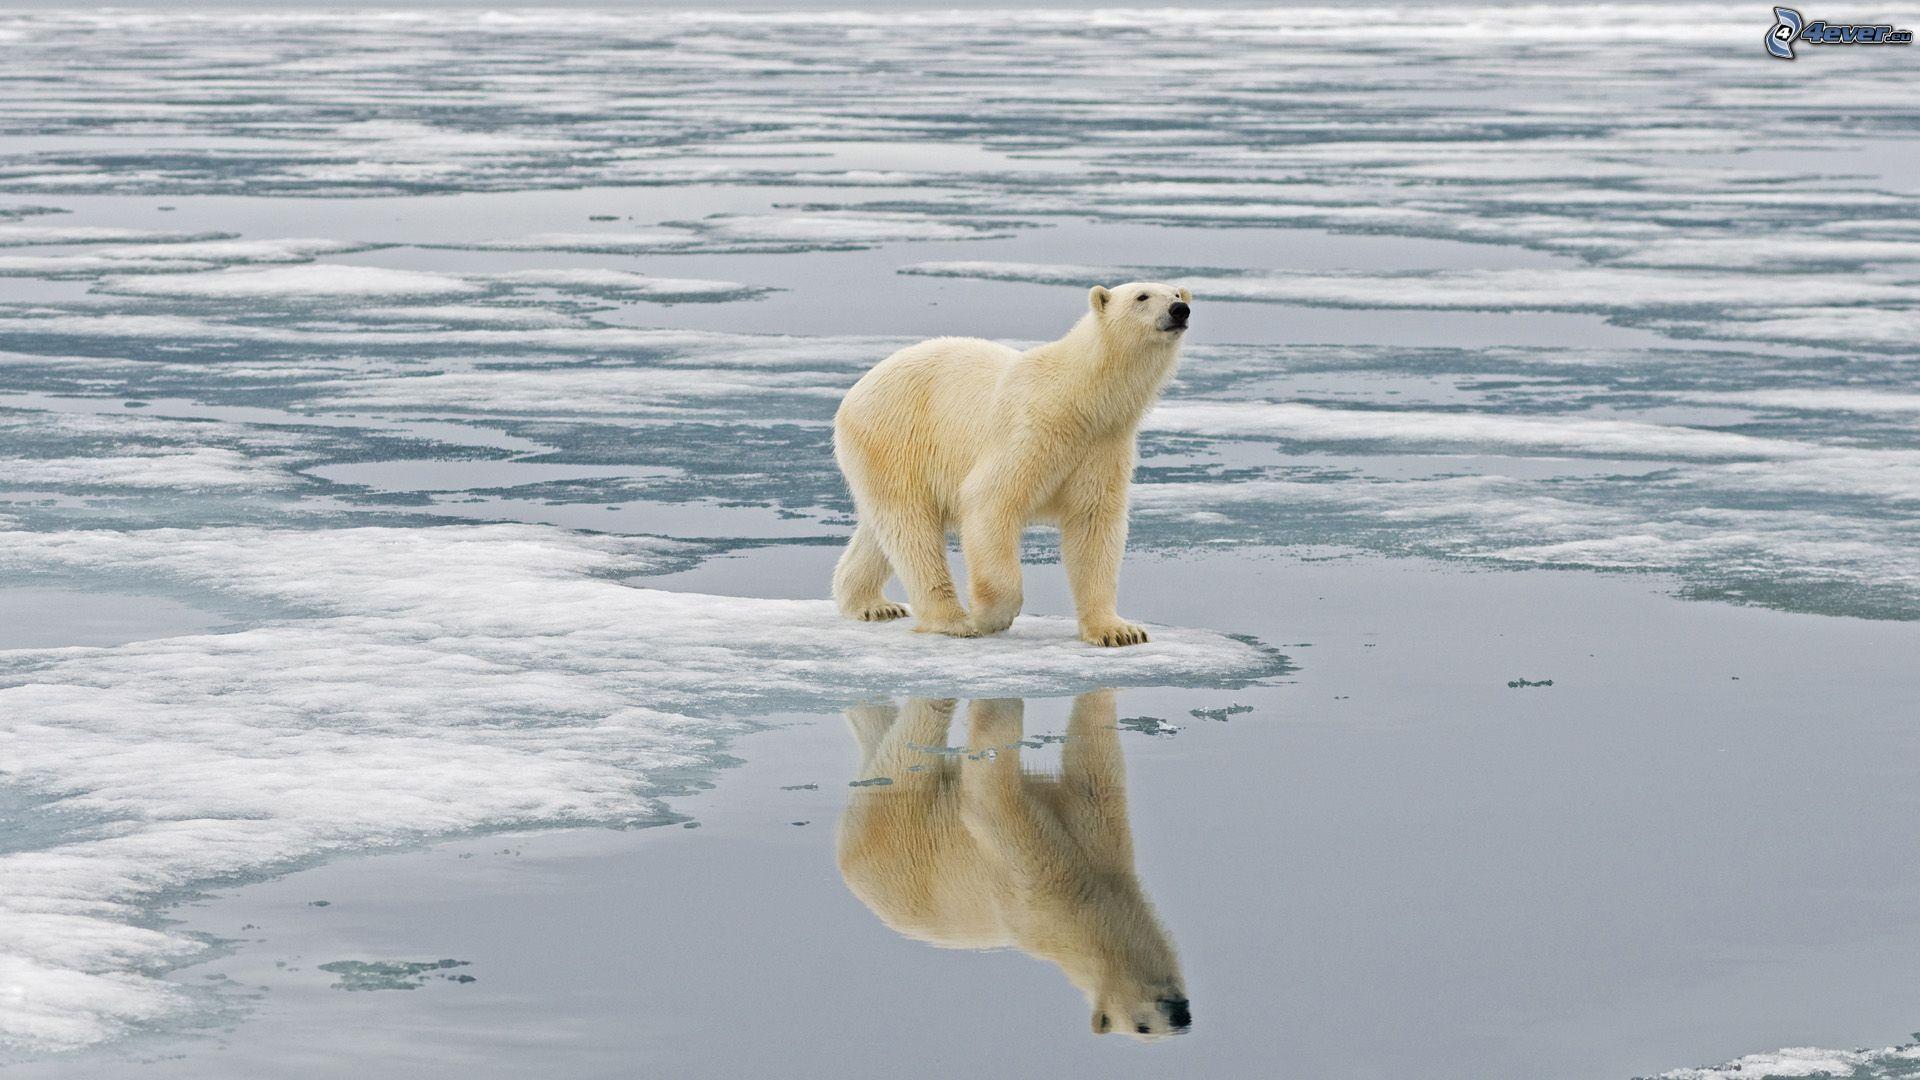 orso-polare-lastre-di-ghiaccio-173021